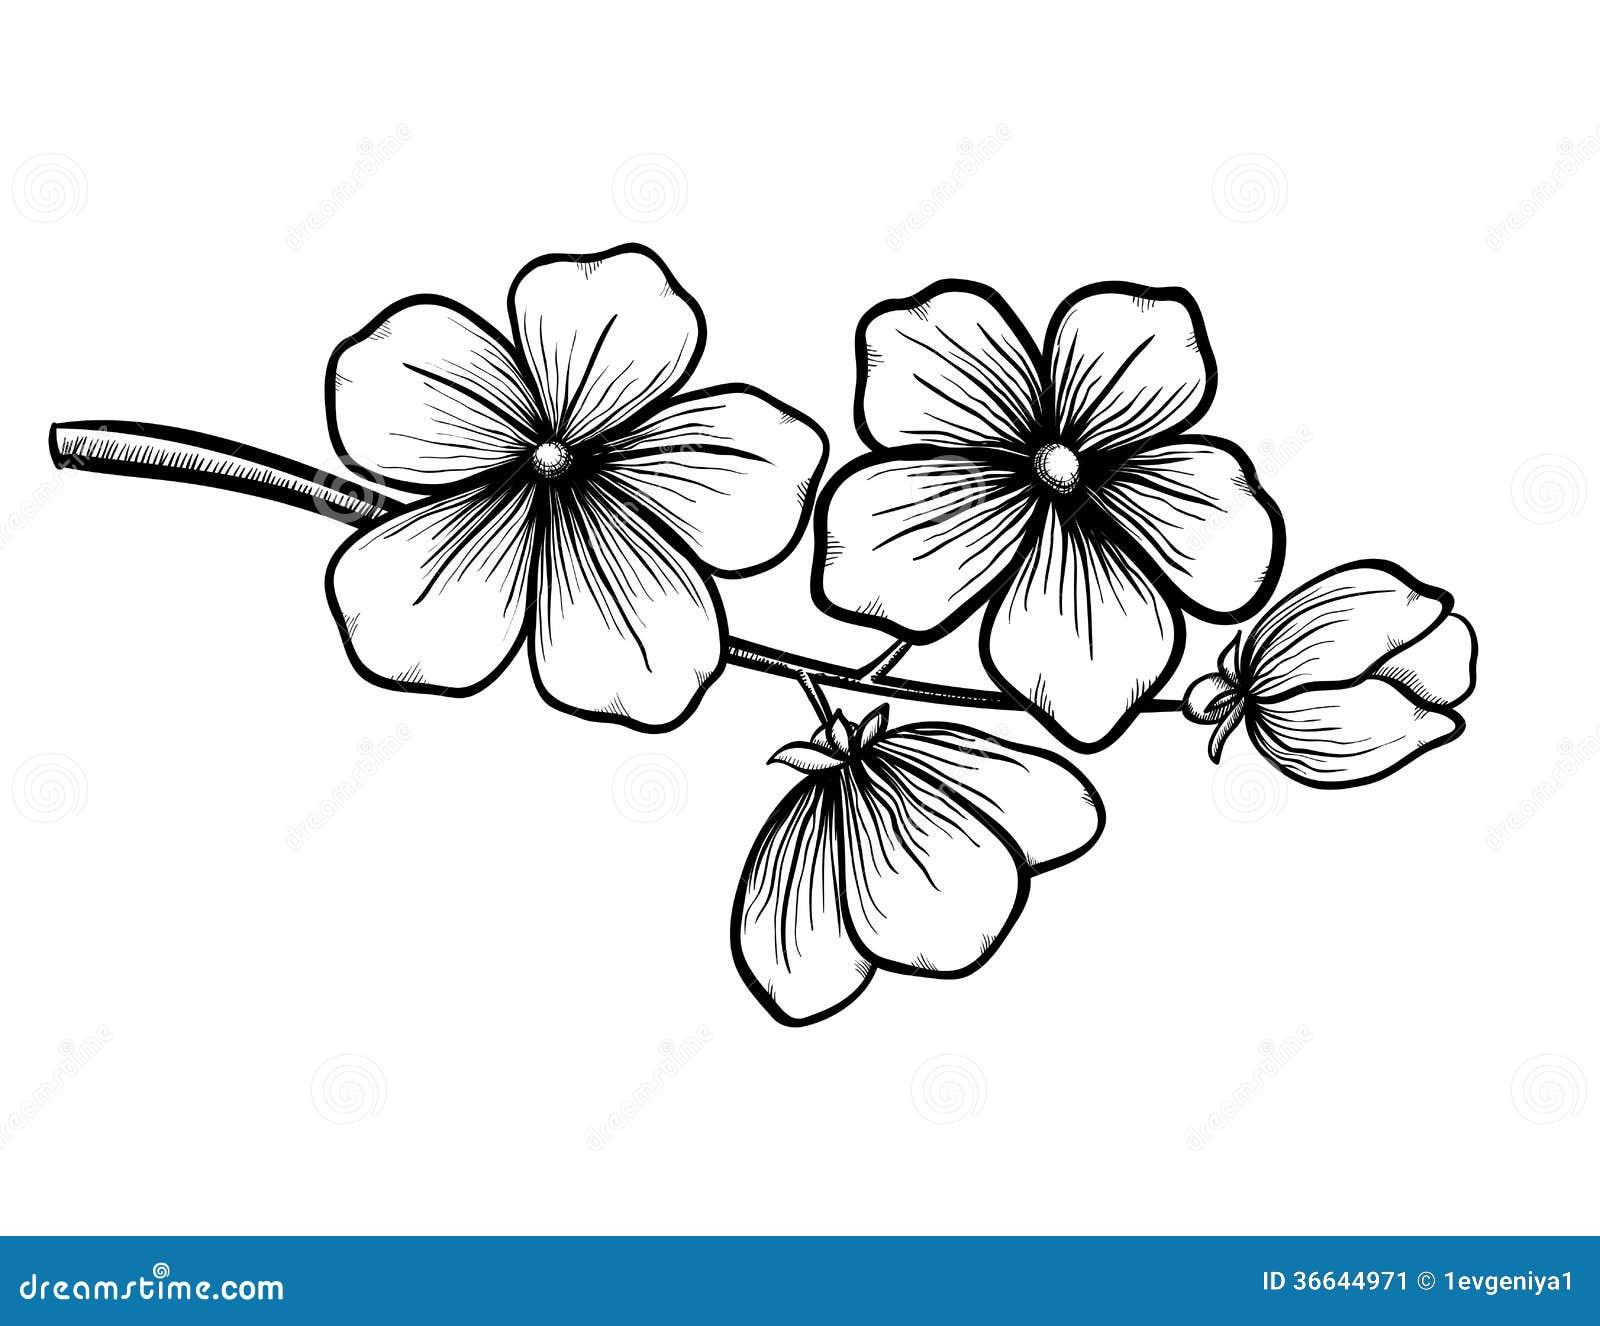 Magnífico Páginas Para Colorear En Blanco Y Negro De Rosas Imágenes ...